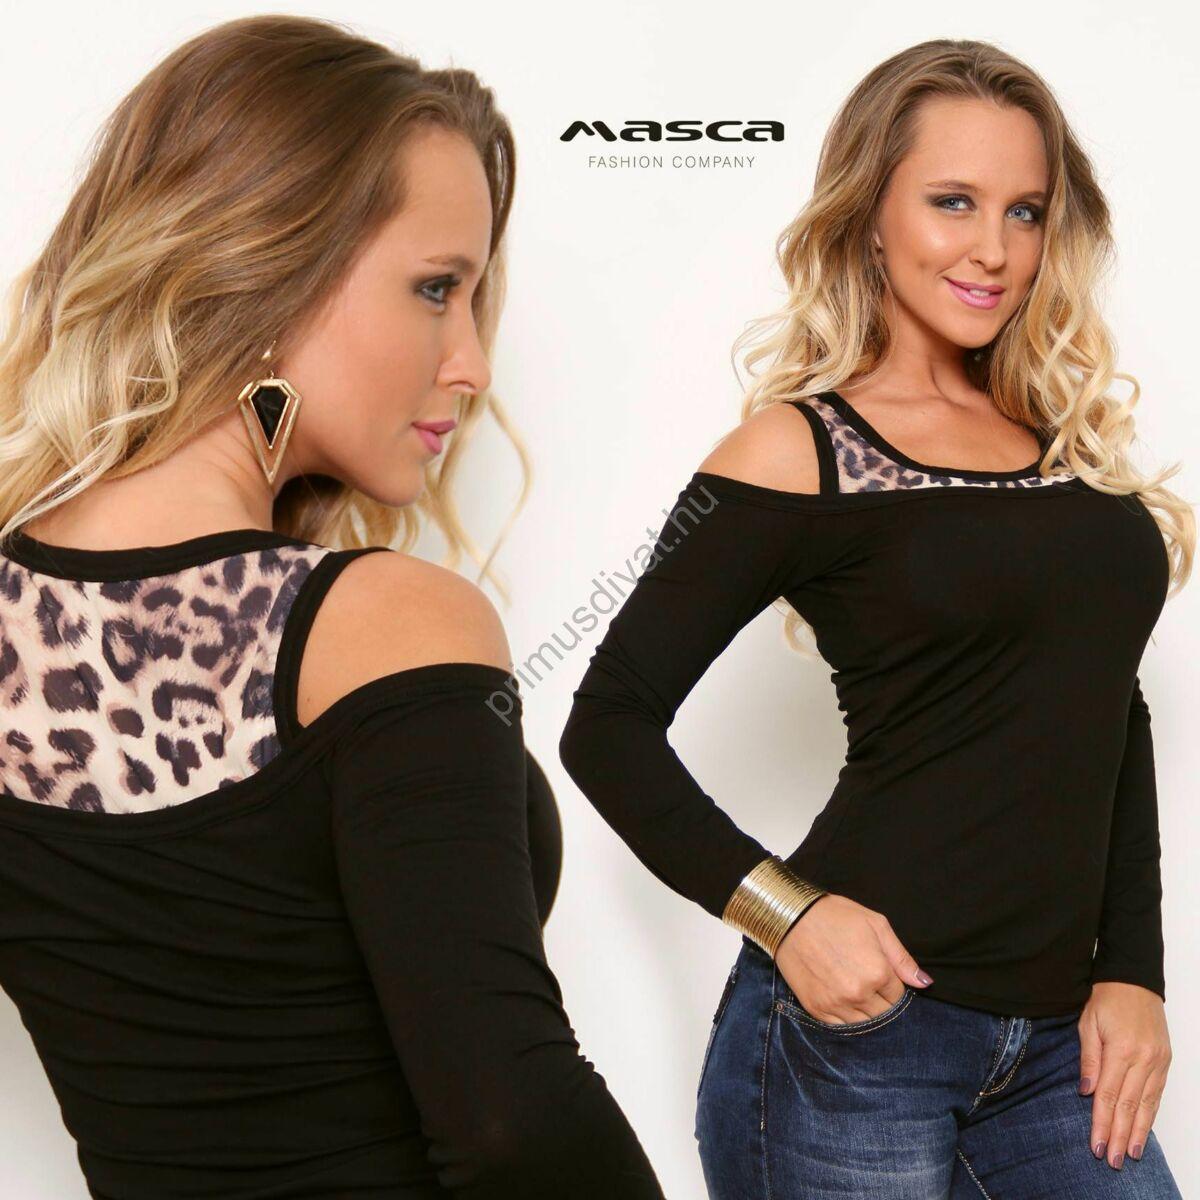 Kép 1 2 - Masca Fashion párducmintás trikópánt betétes nyitott vállú hosszú  ujjú fekete szűk felső be37d376fb